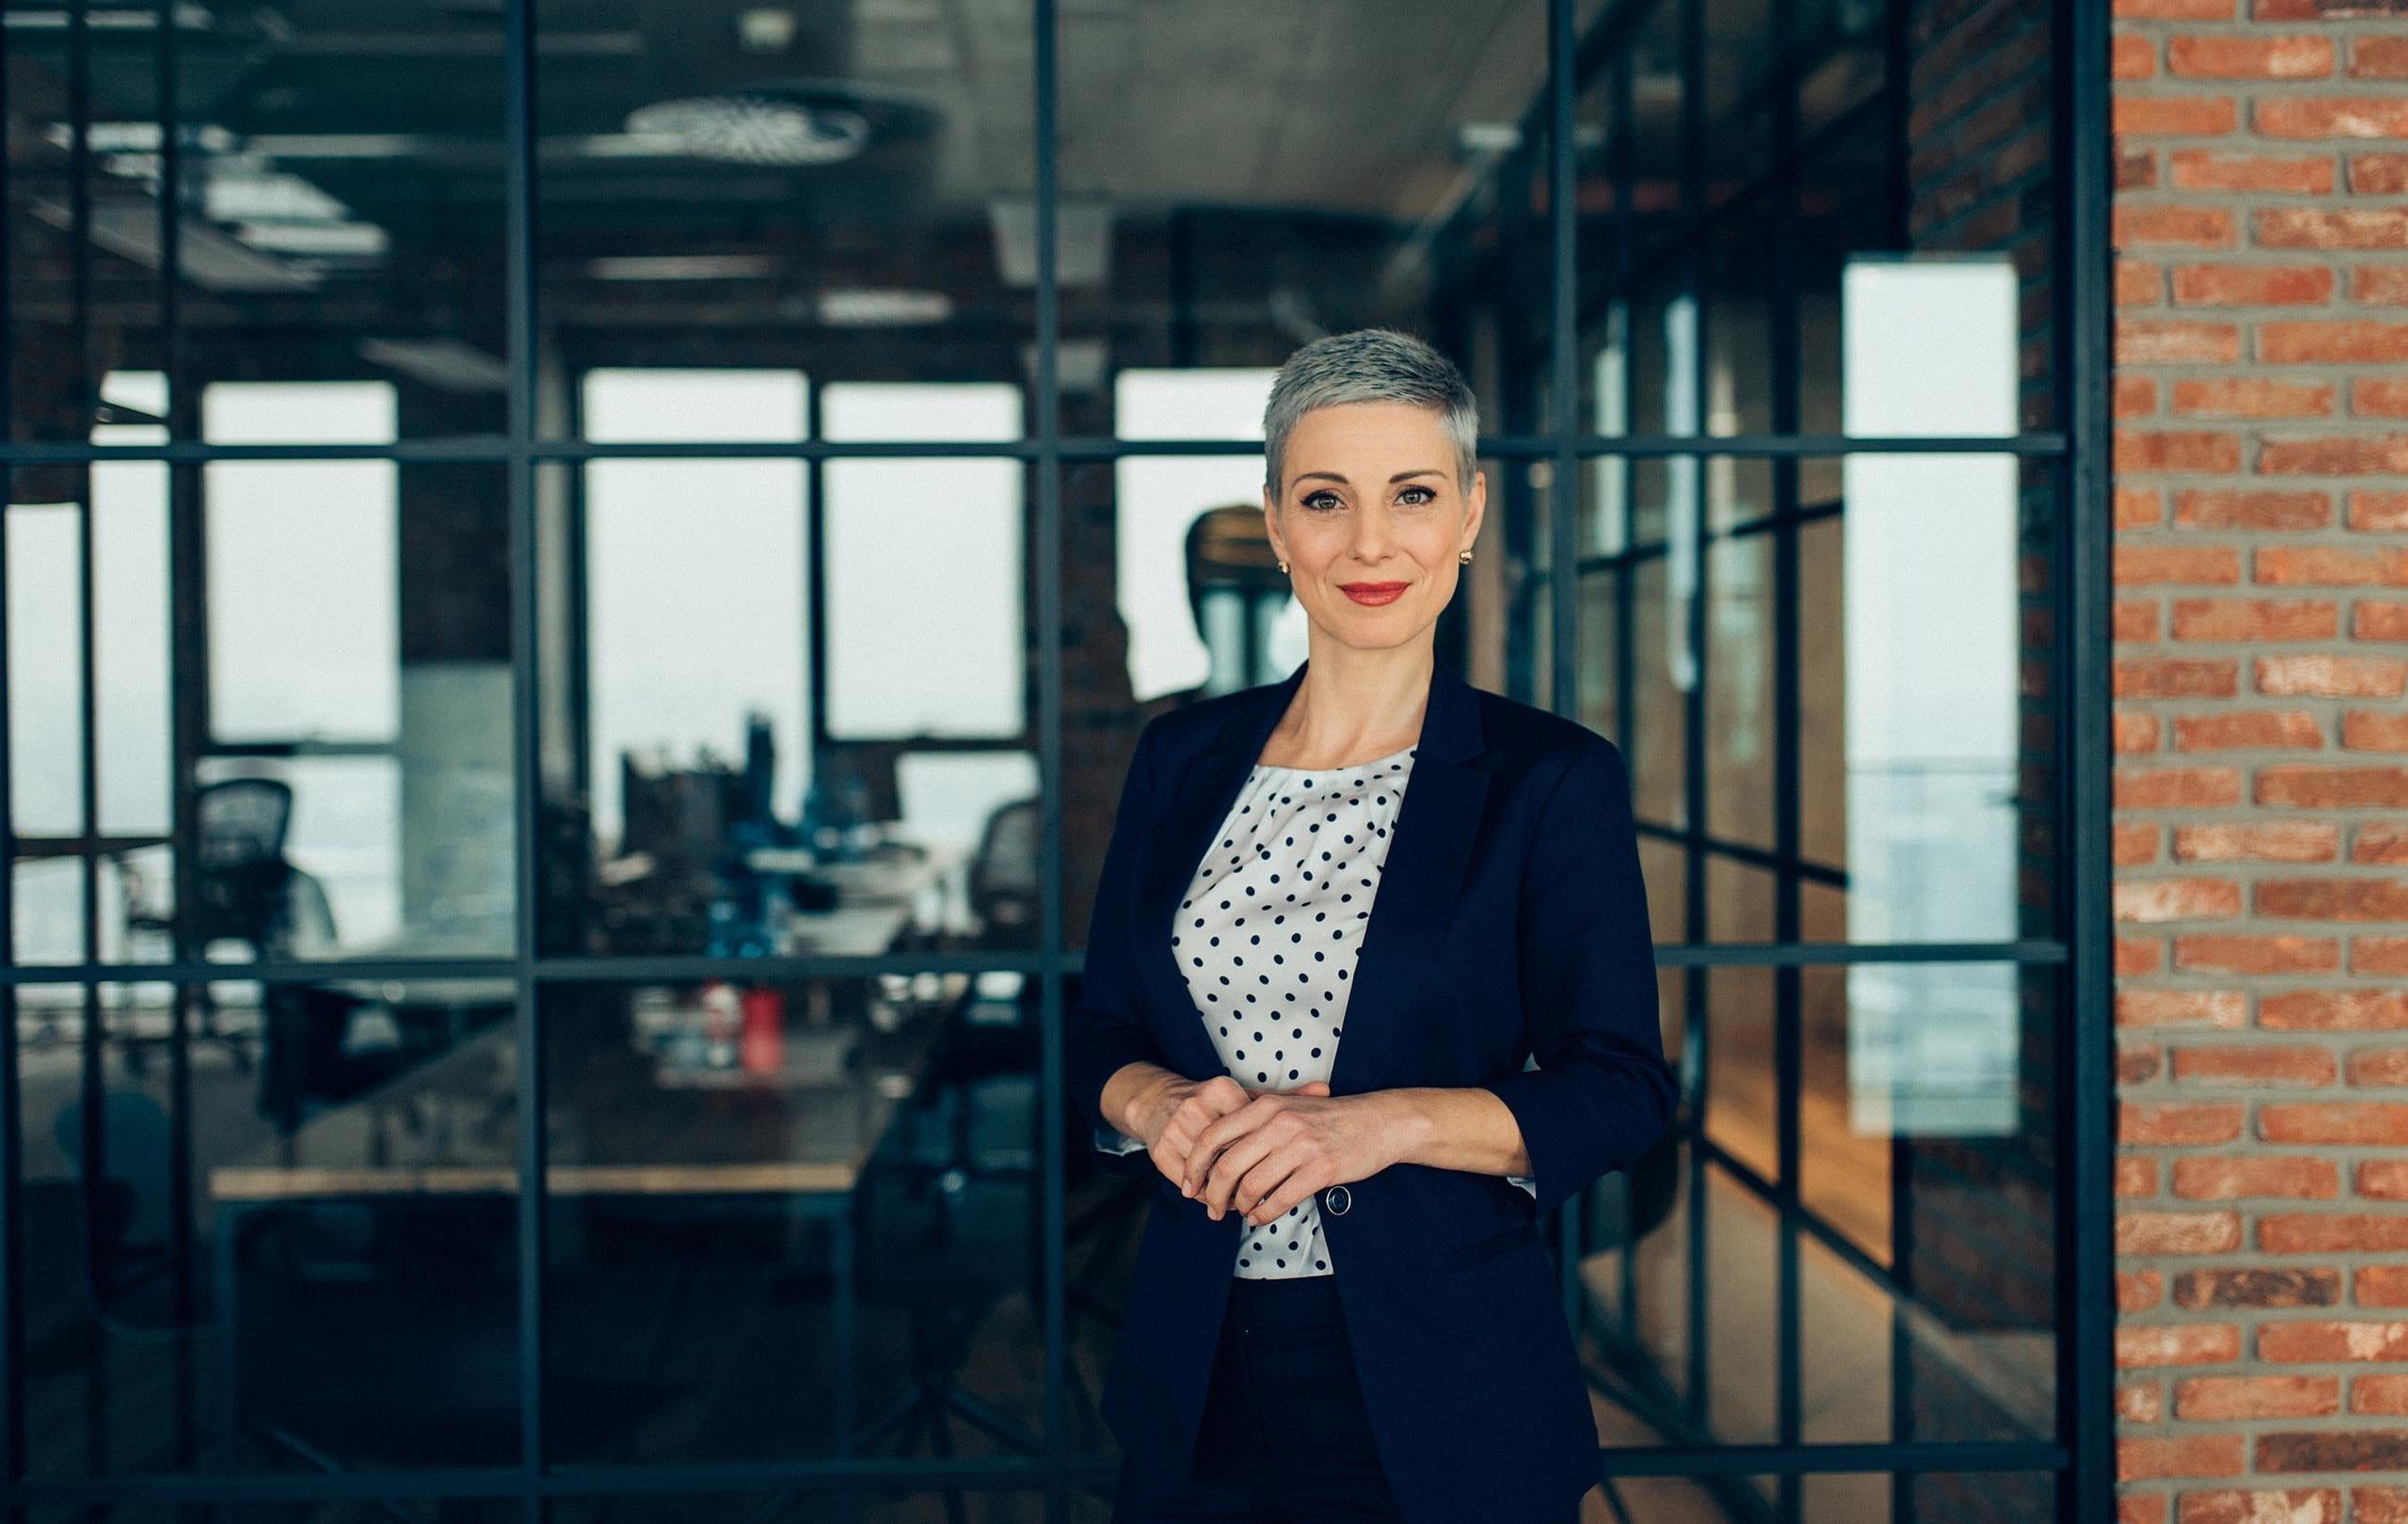 ufficio donna d'affari